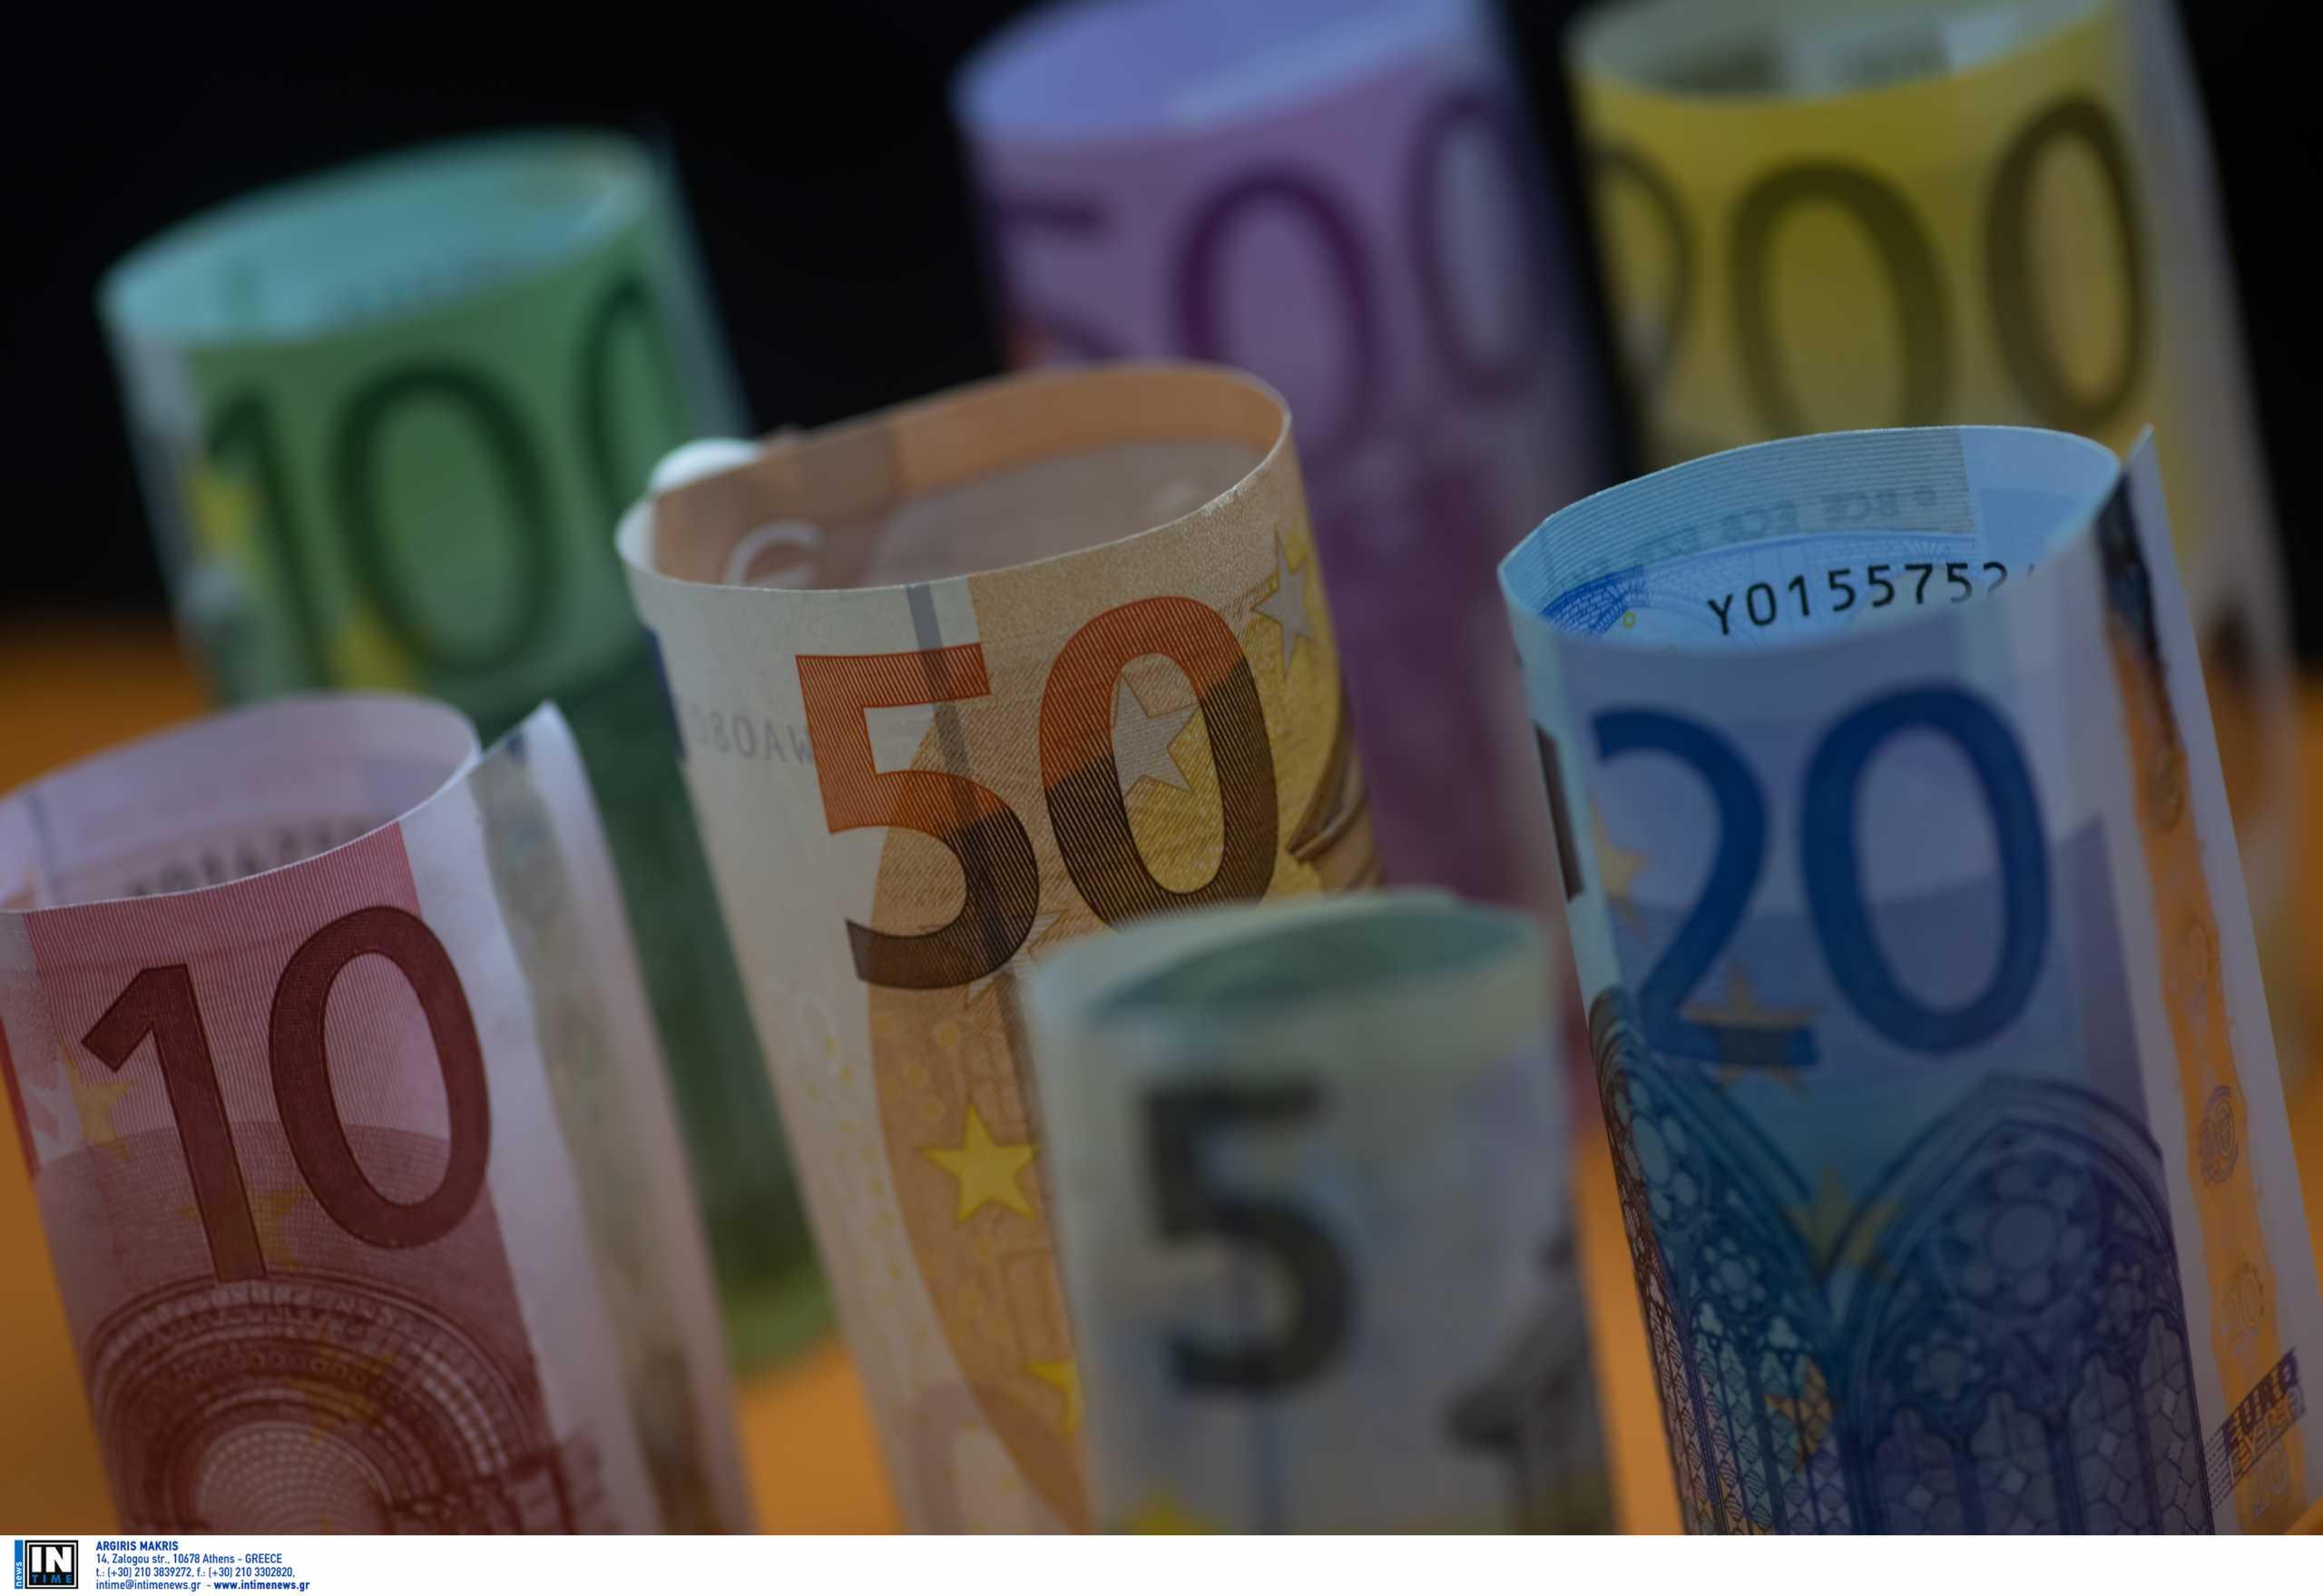 Πληρωμές άνω των 80 εκατομμυρίων την εβδομάδα που ξεκινάει από υπουργείο Εργασίας, e-ΕΦΚΑ και ΟΑΕΔ